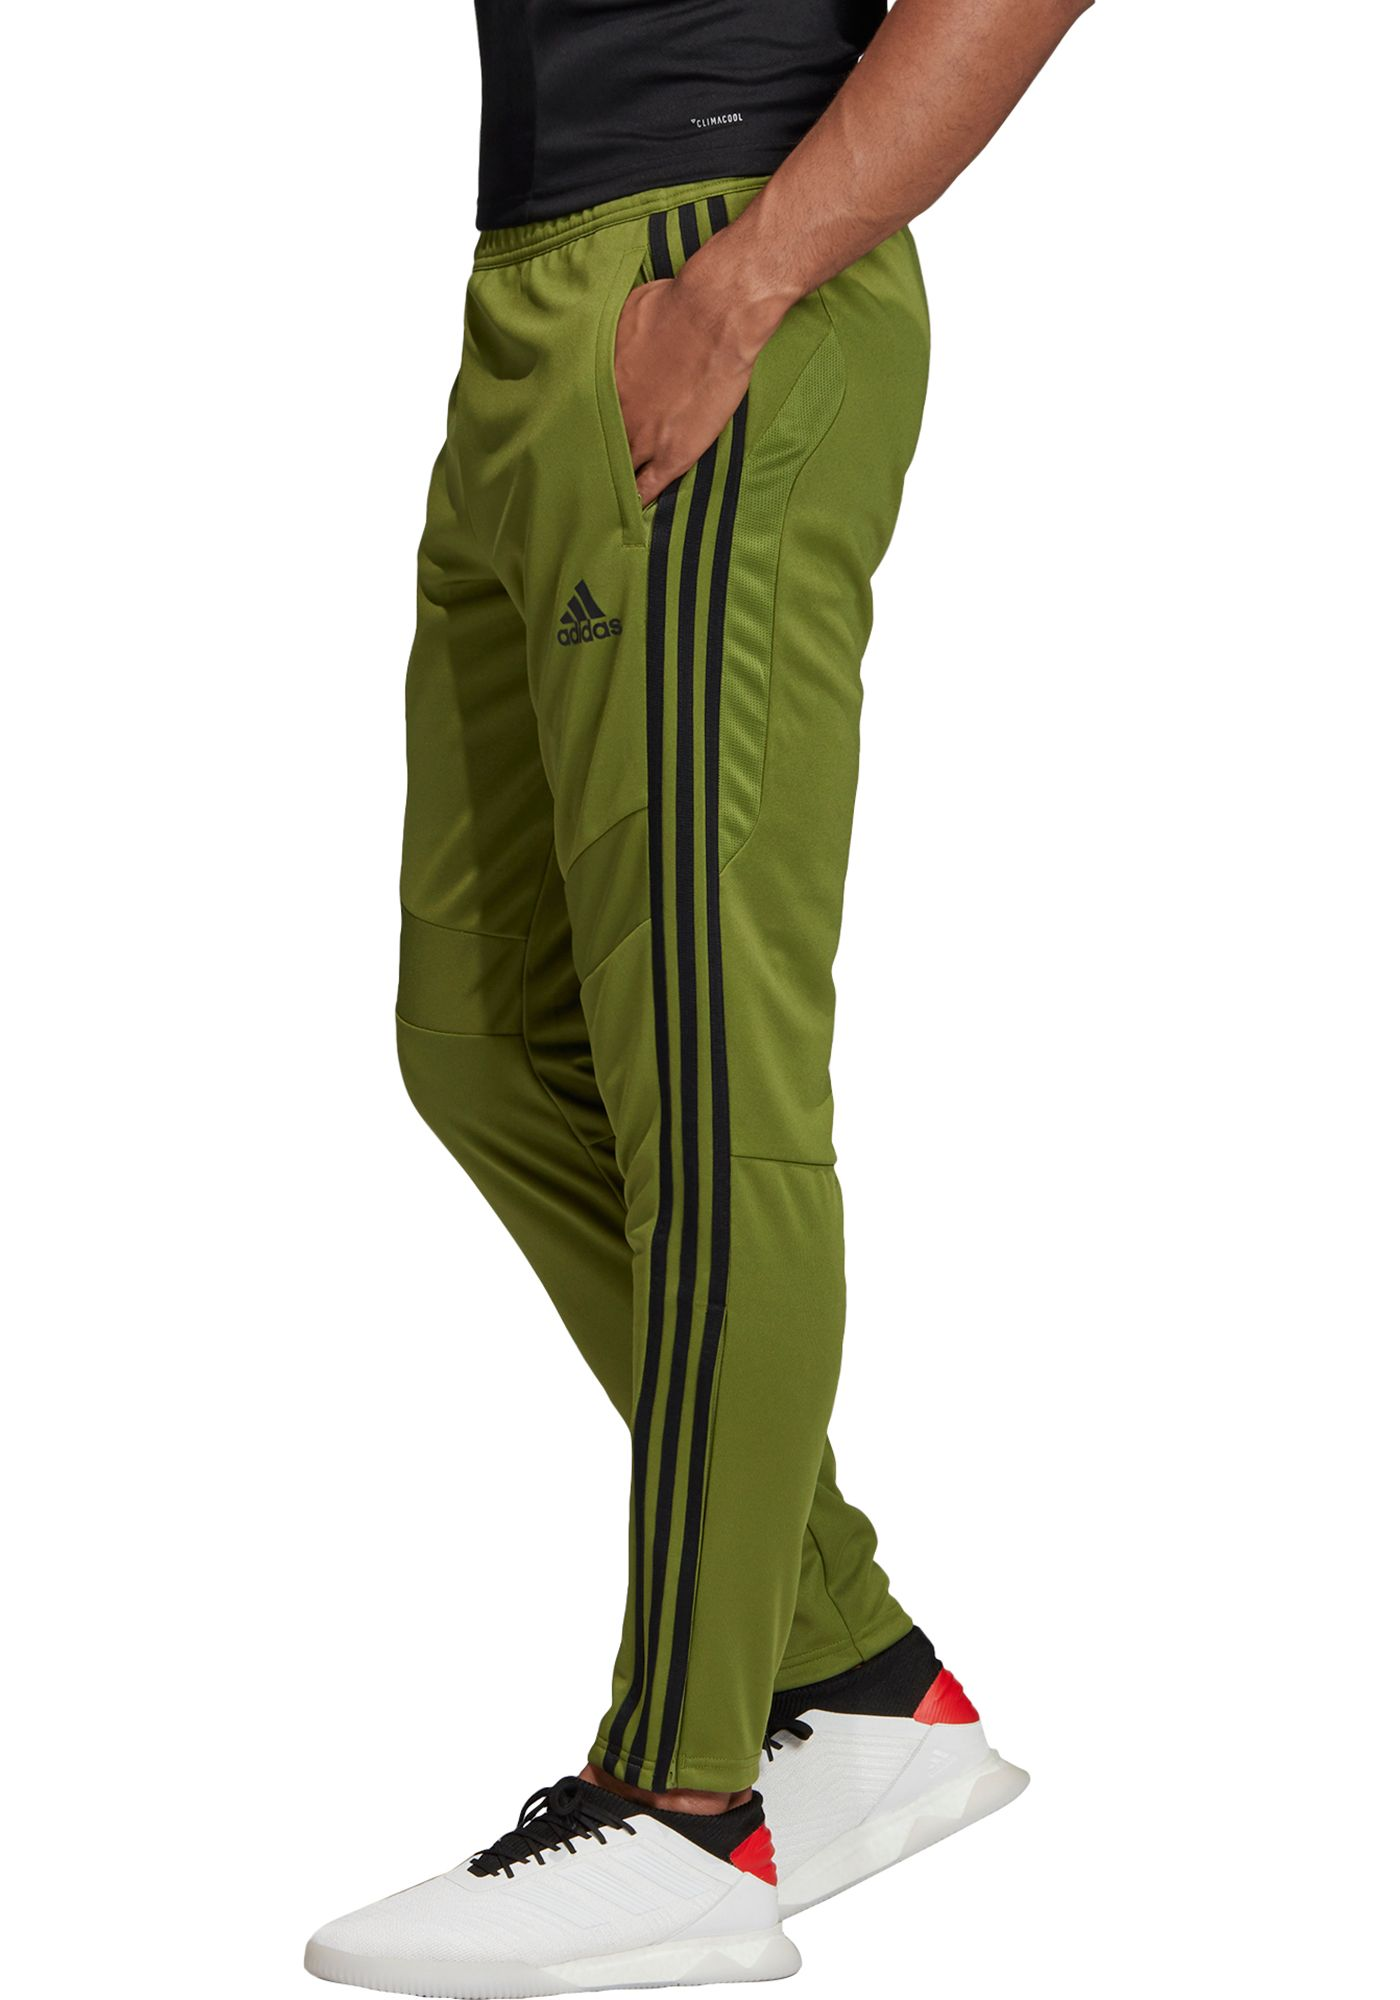 adidas Men's Tiro 19 Training Pants (Regular and Big & Tall)